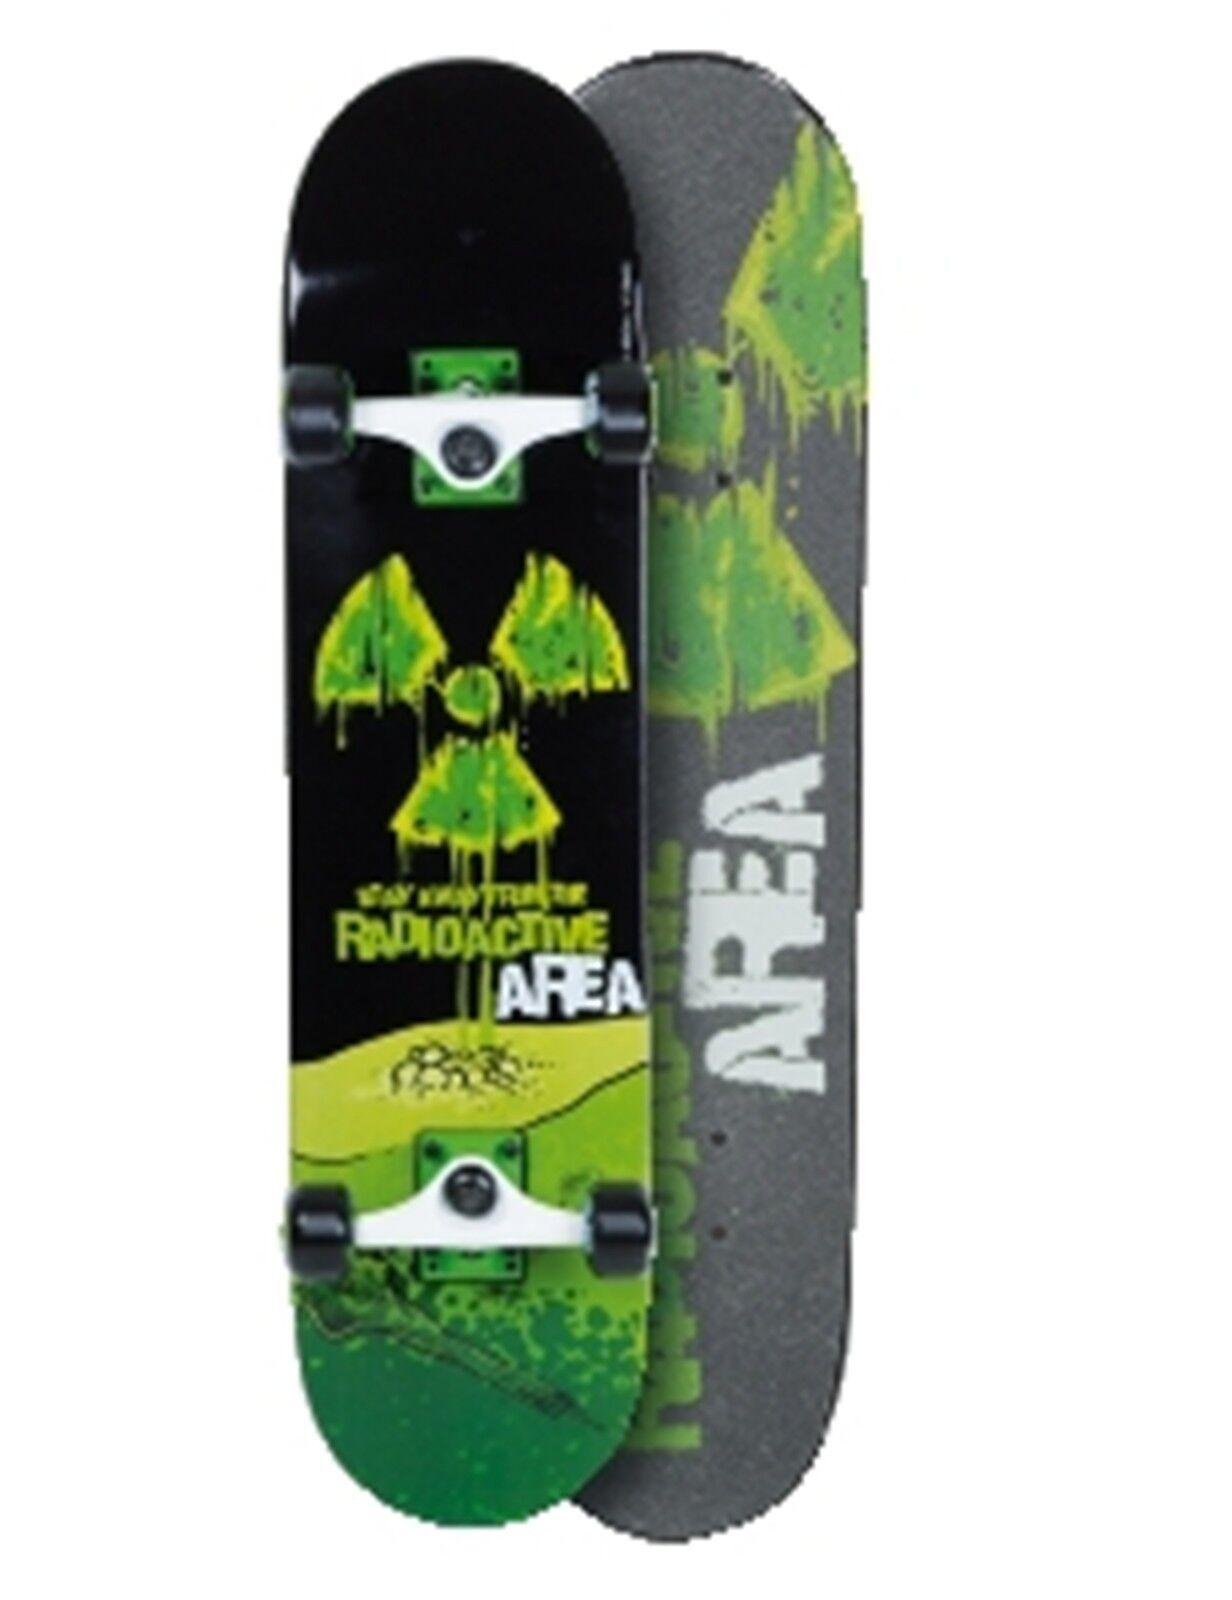 Skateboard AREA Radioactive Grün schwarz Komplett Board Board Board Neu 981a30